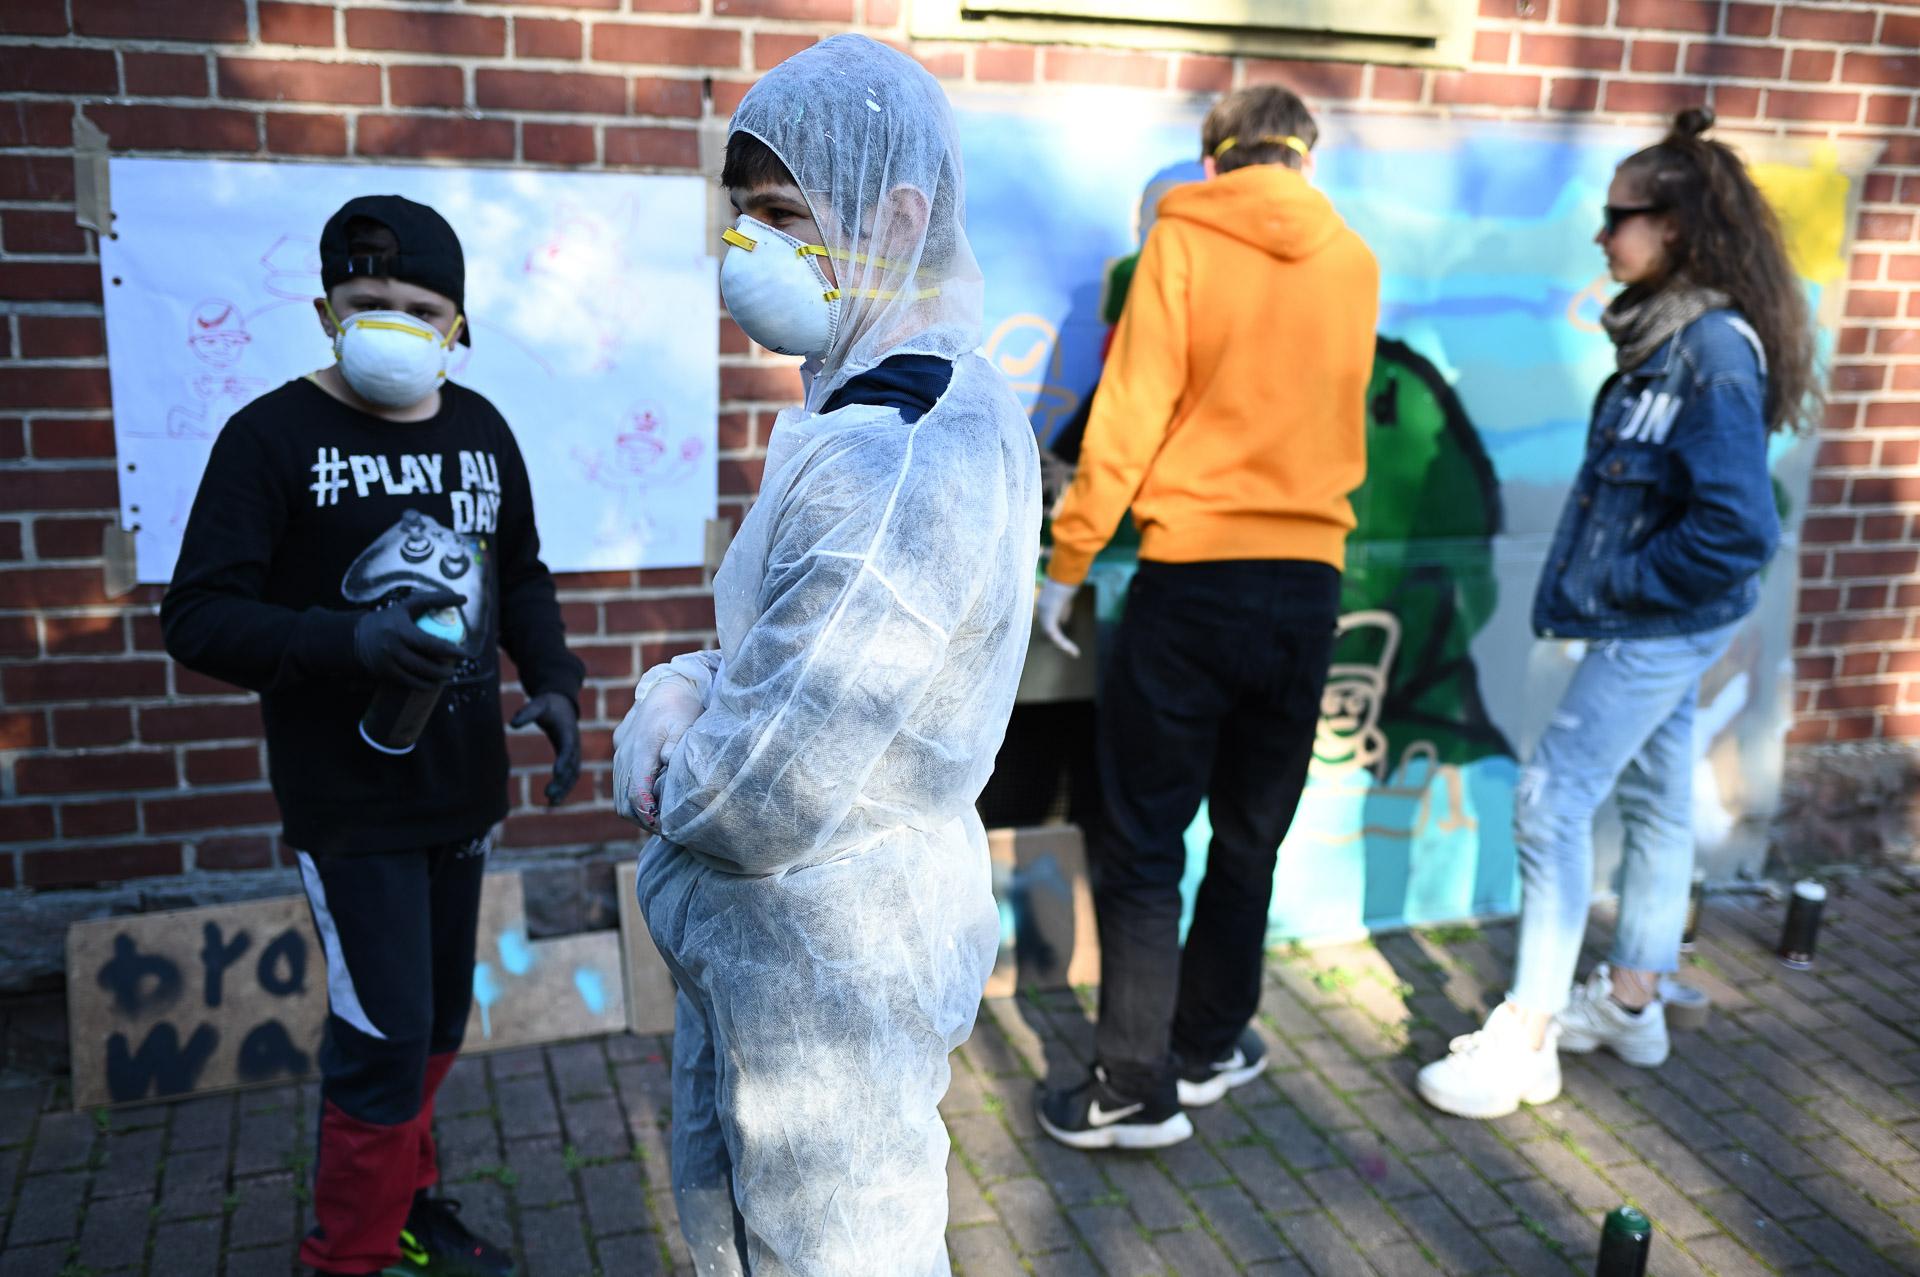 """Die Kreativen am Werk: Steve, Ilya a.k.a. """"neo n1ce"""", Luca und Kathy (v. l.) arbeiten an ihrem Piece """"Brand Wars"""" Foto: Nicolaus Niebylski"""